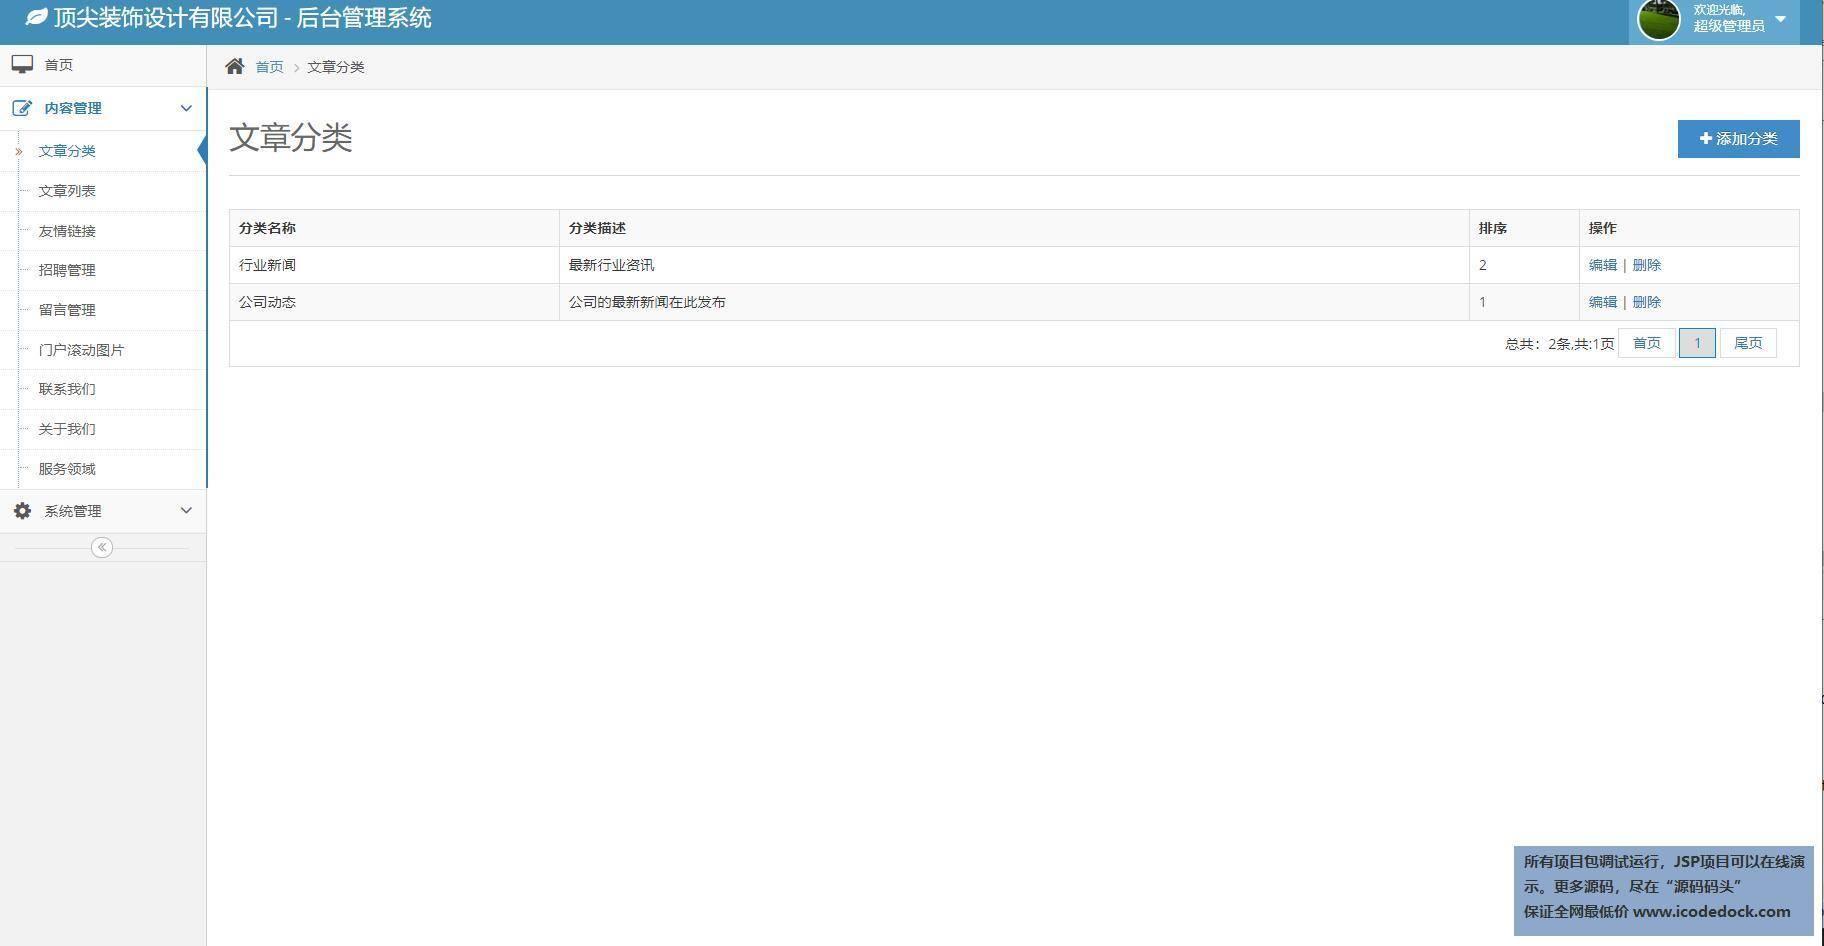 源码码头-SSM企业门户网站-管理员角色-文章分类管理